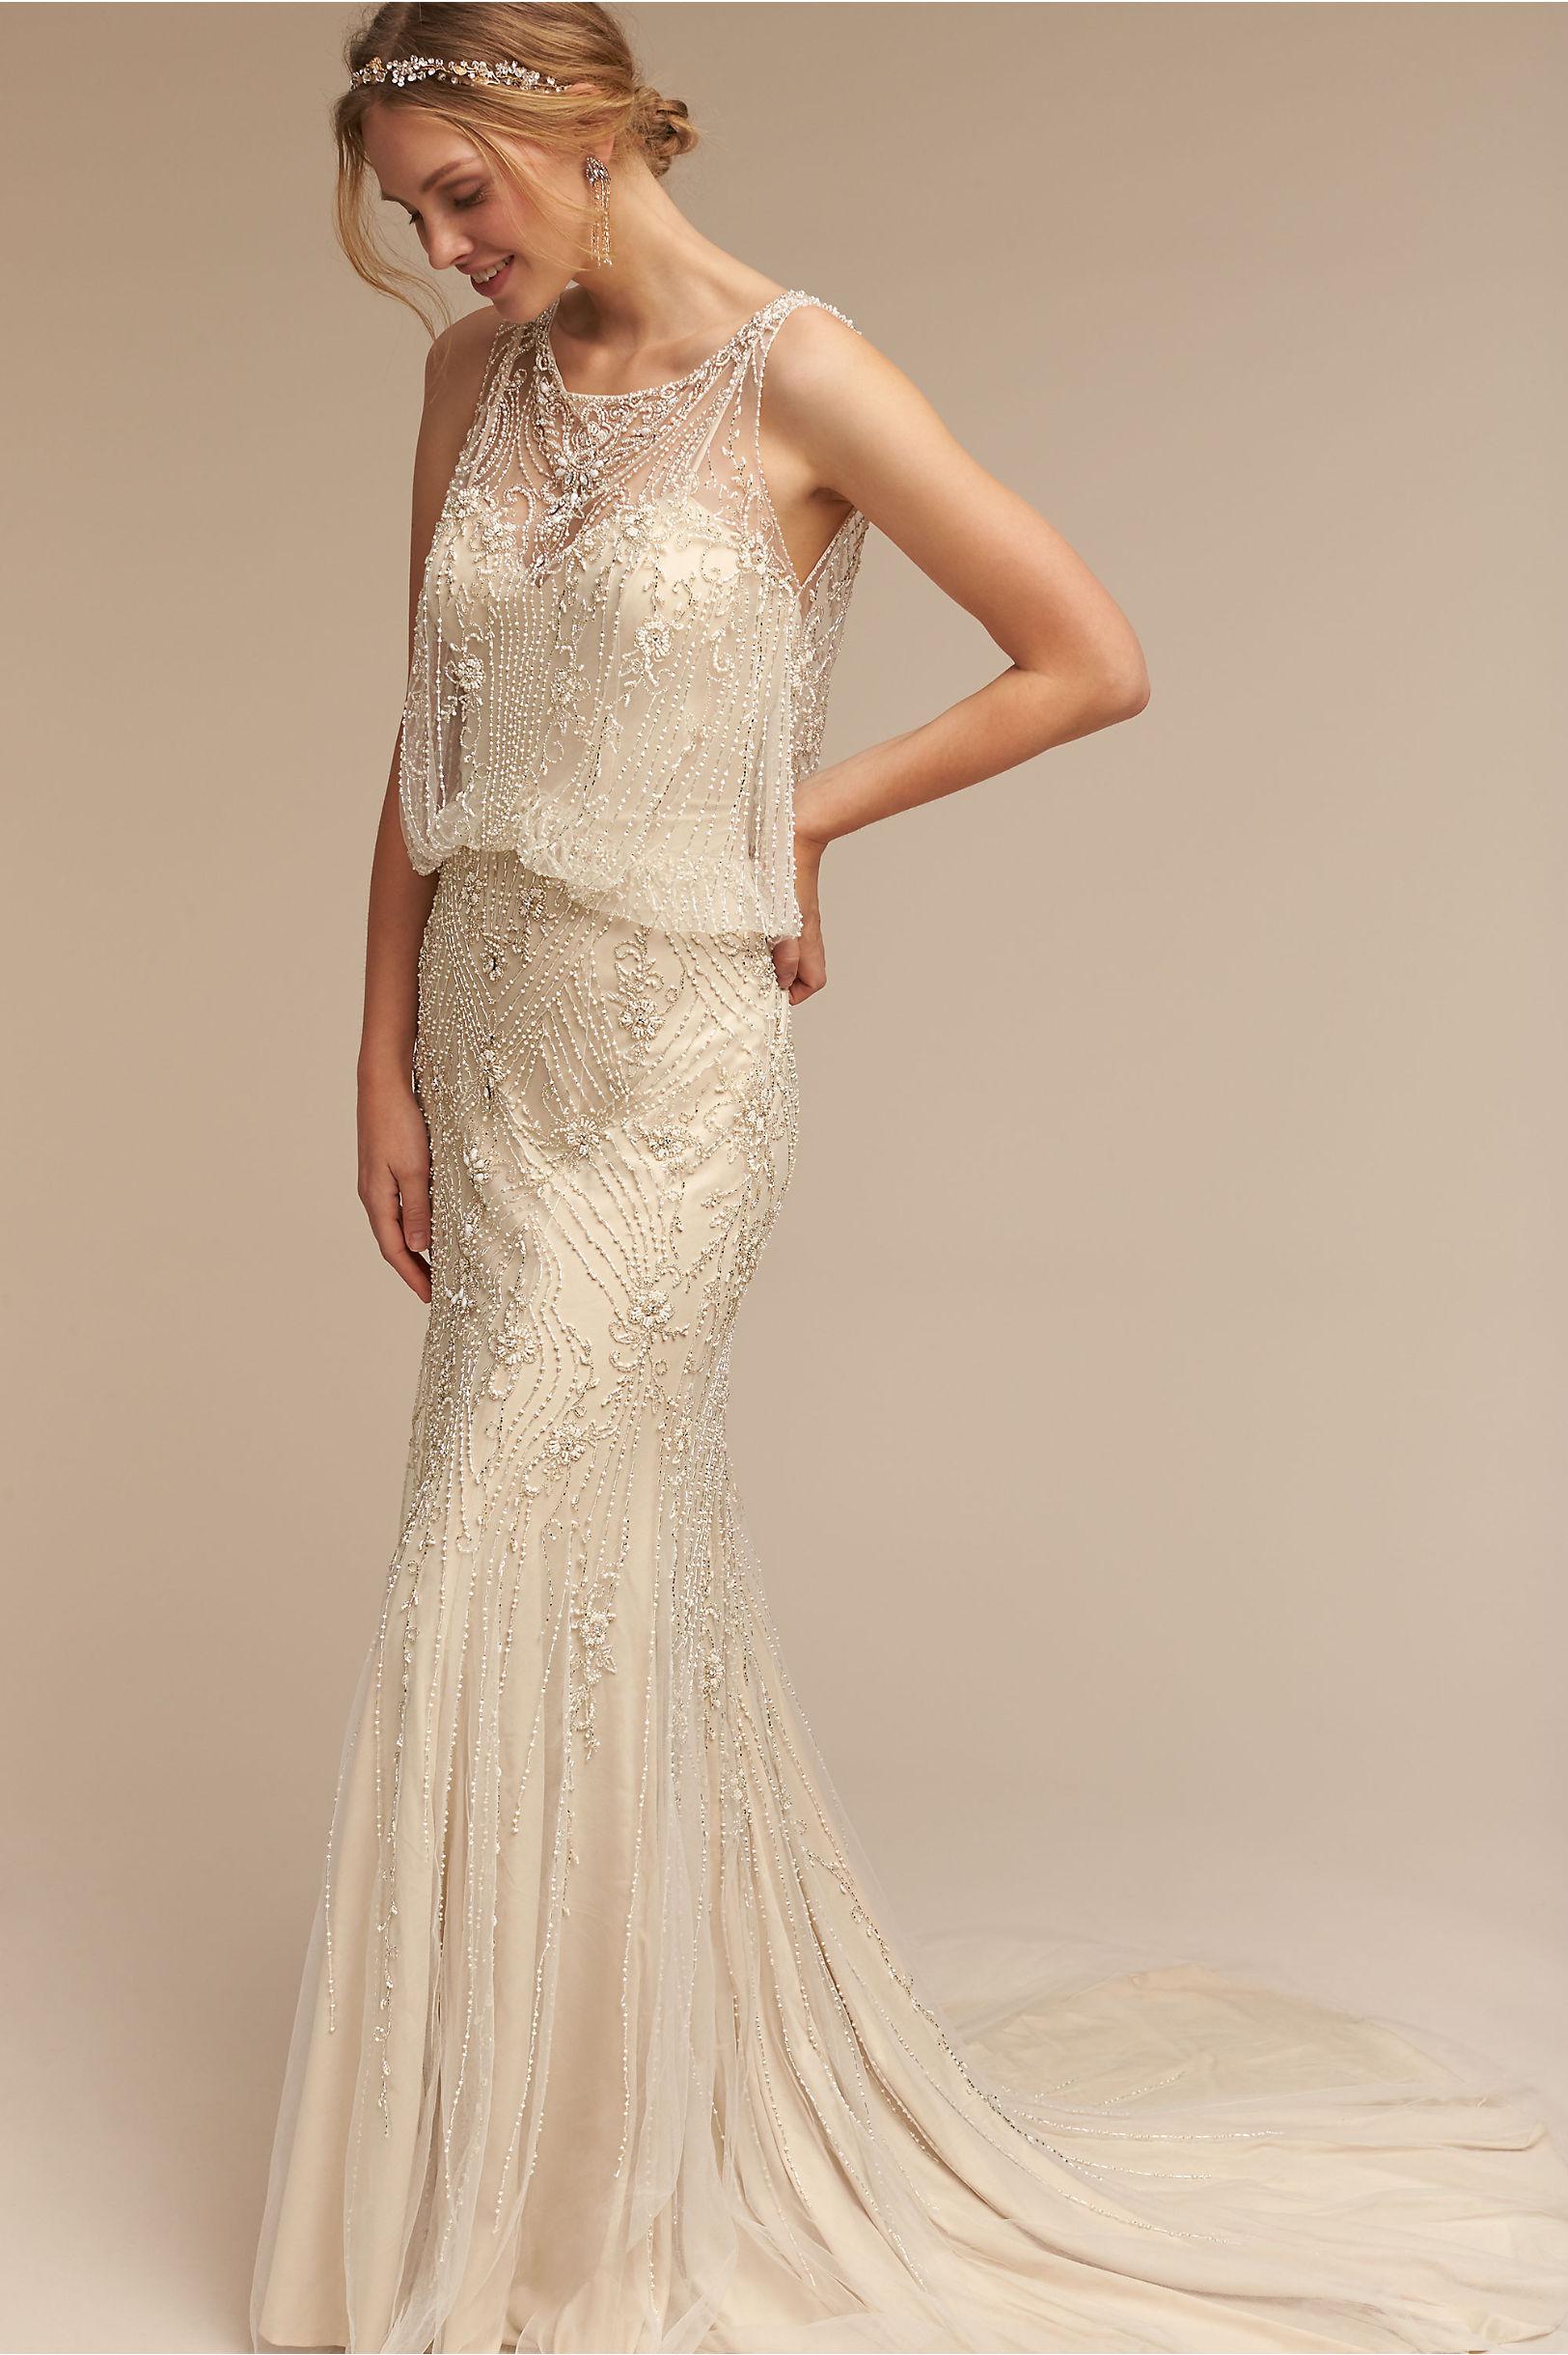 Zum Verlieben schön: Vintage-Brautkleider